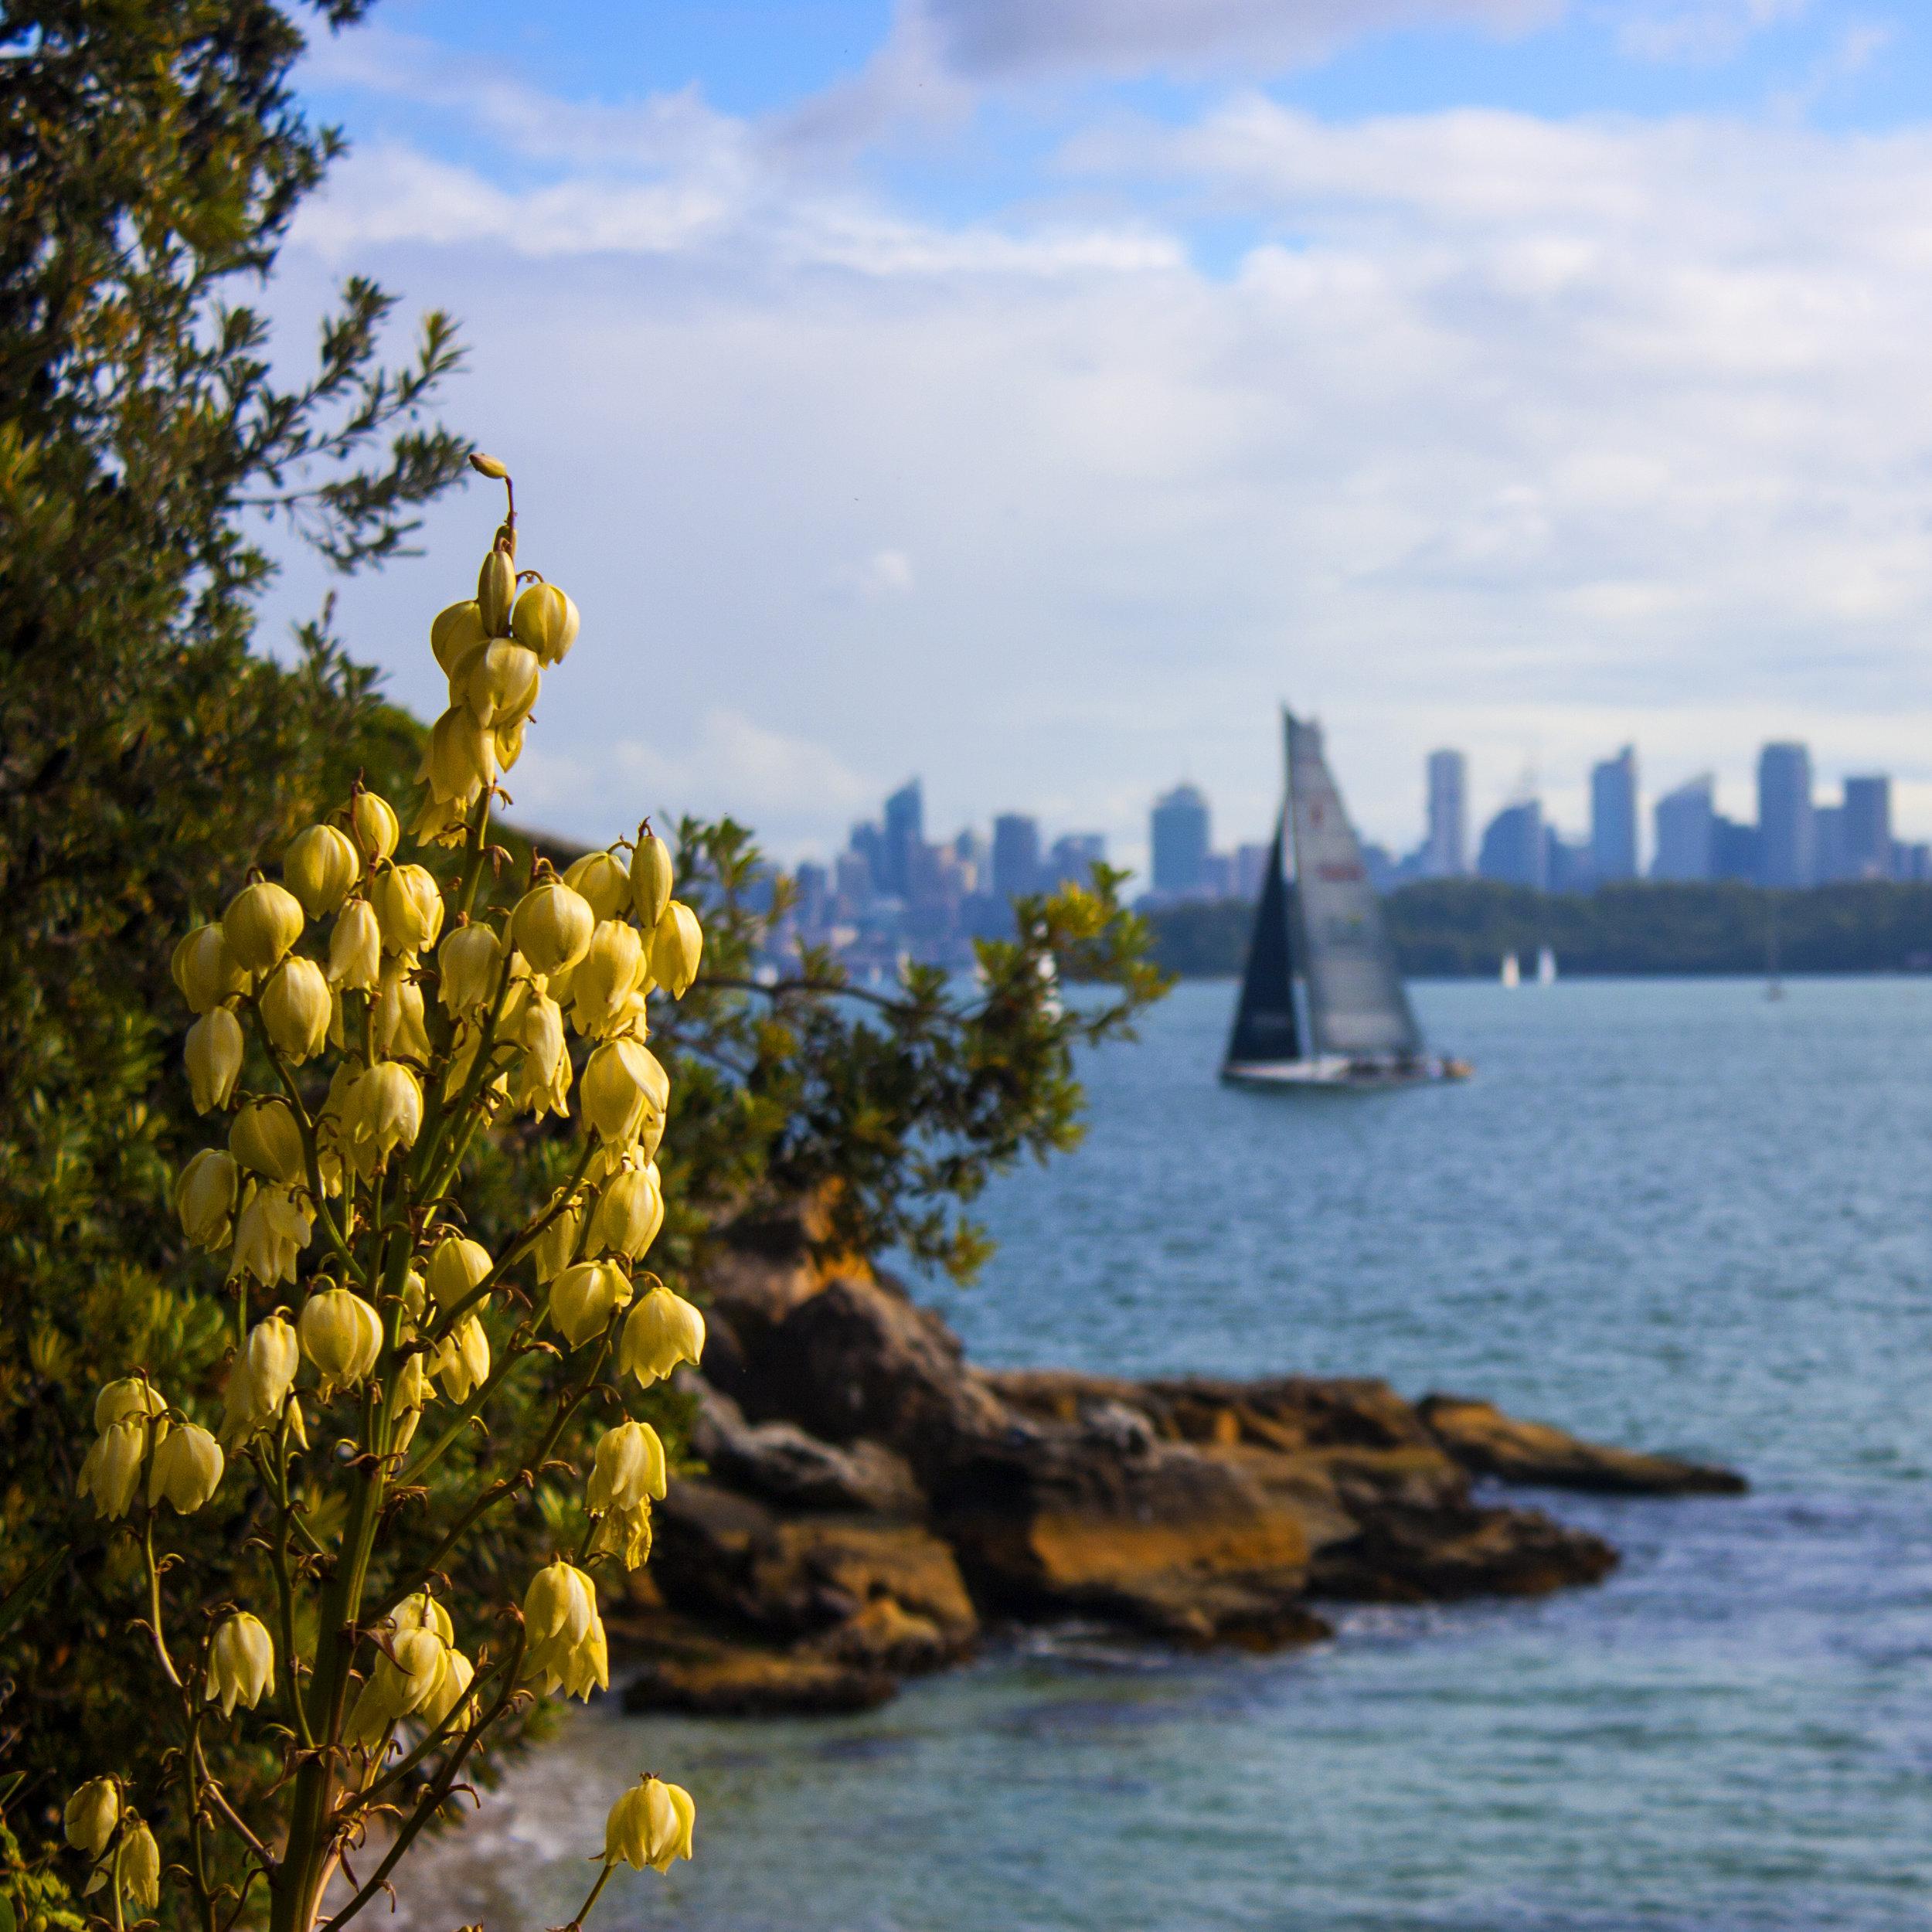 Australia_Sydney_Watson's Bay_Sail Boat_Sydney Skyline.jpg